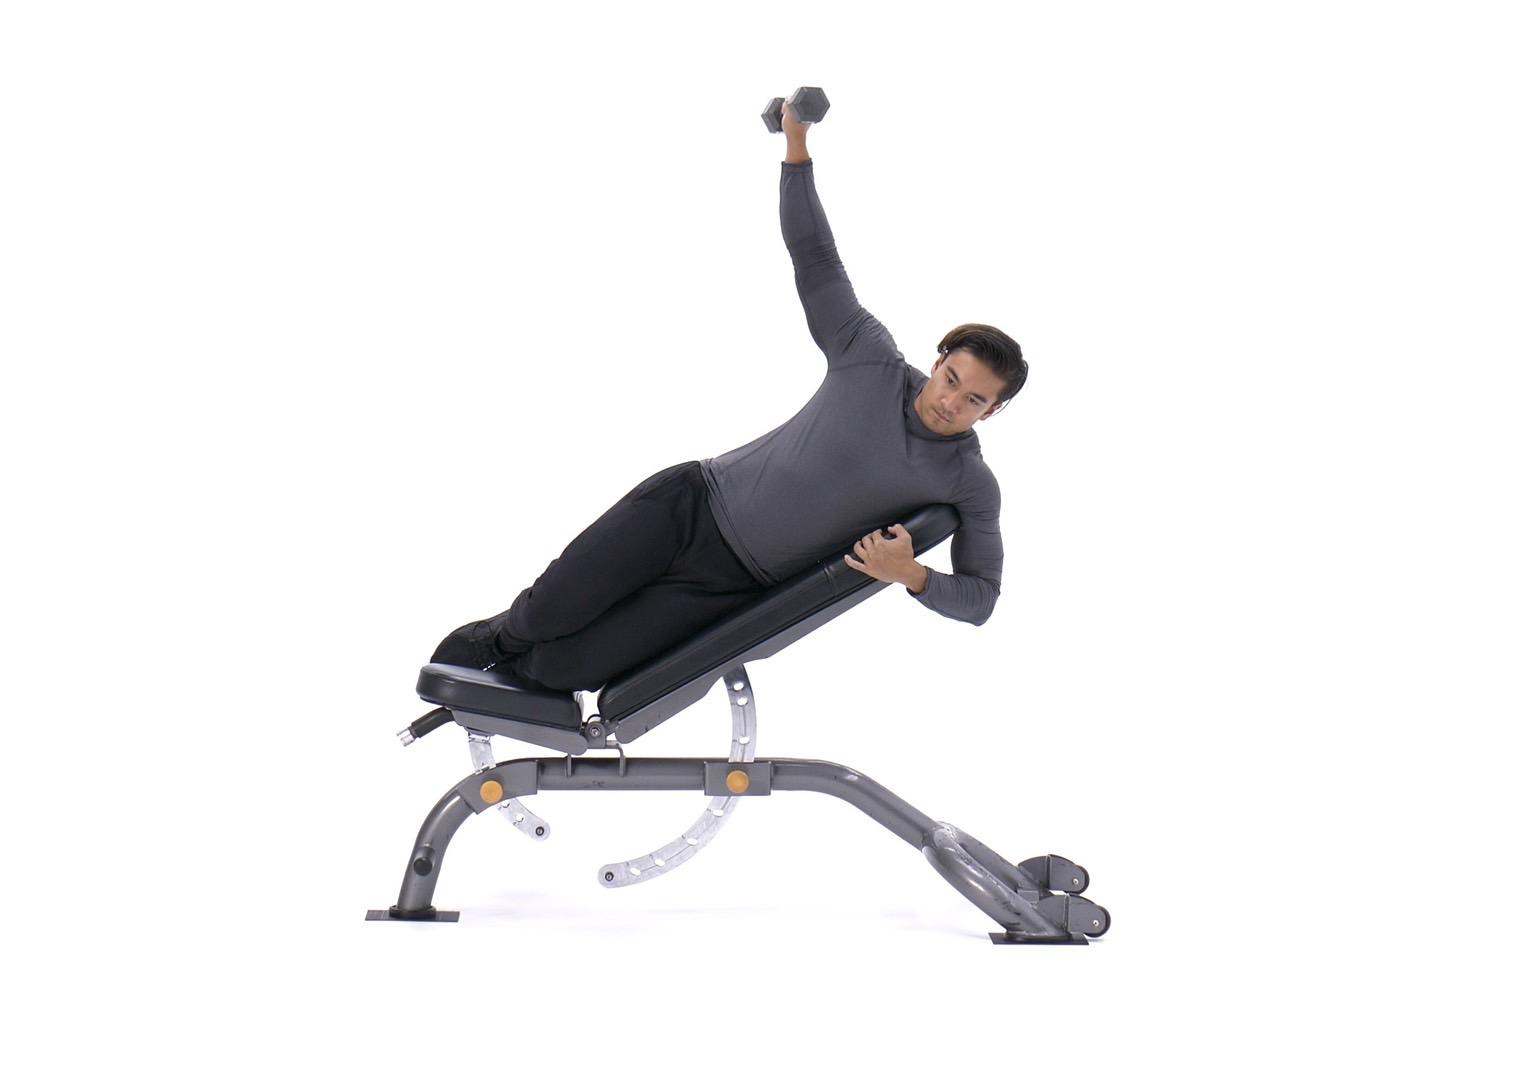 【インクラインサイドレイズ】肩の中部を鍛えられるトレーニングを筋トレのプロが徹底解説【動画あり】